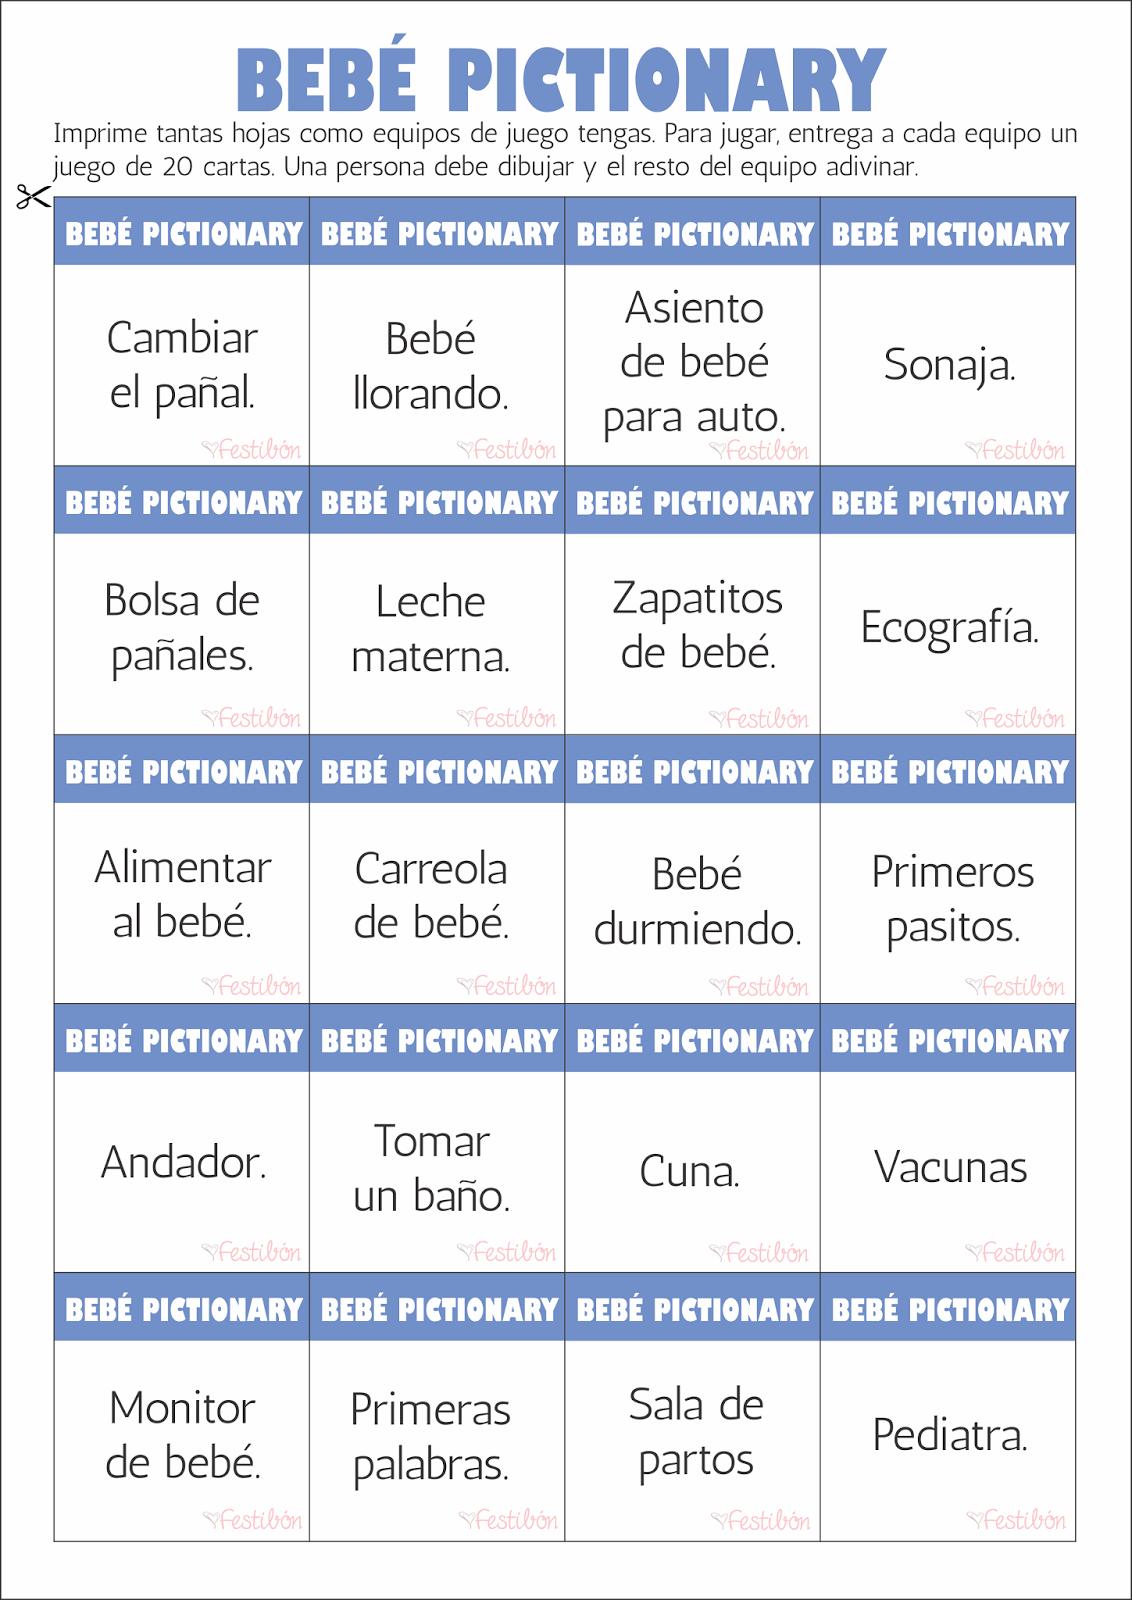 Bebe Pictionary Juegos Para Baby Shower Para Imprimir Juegos De